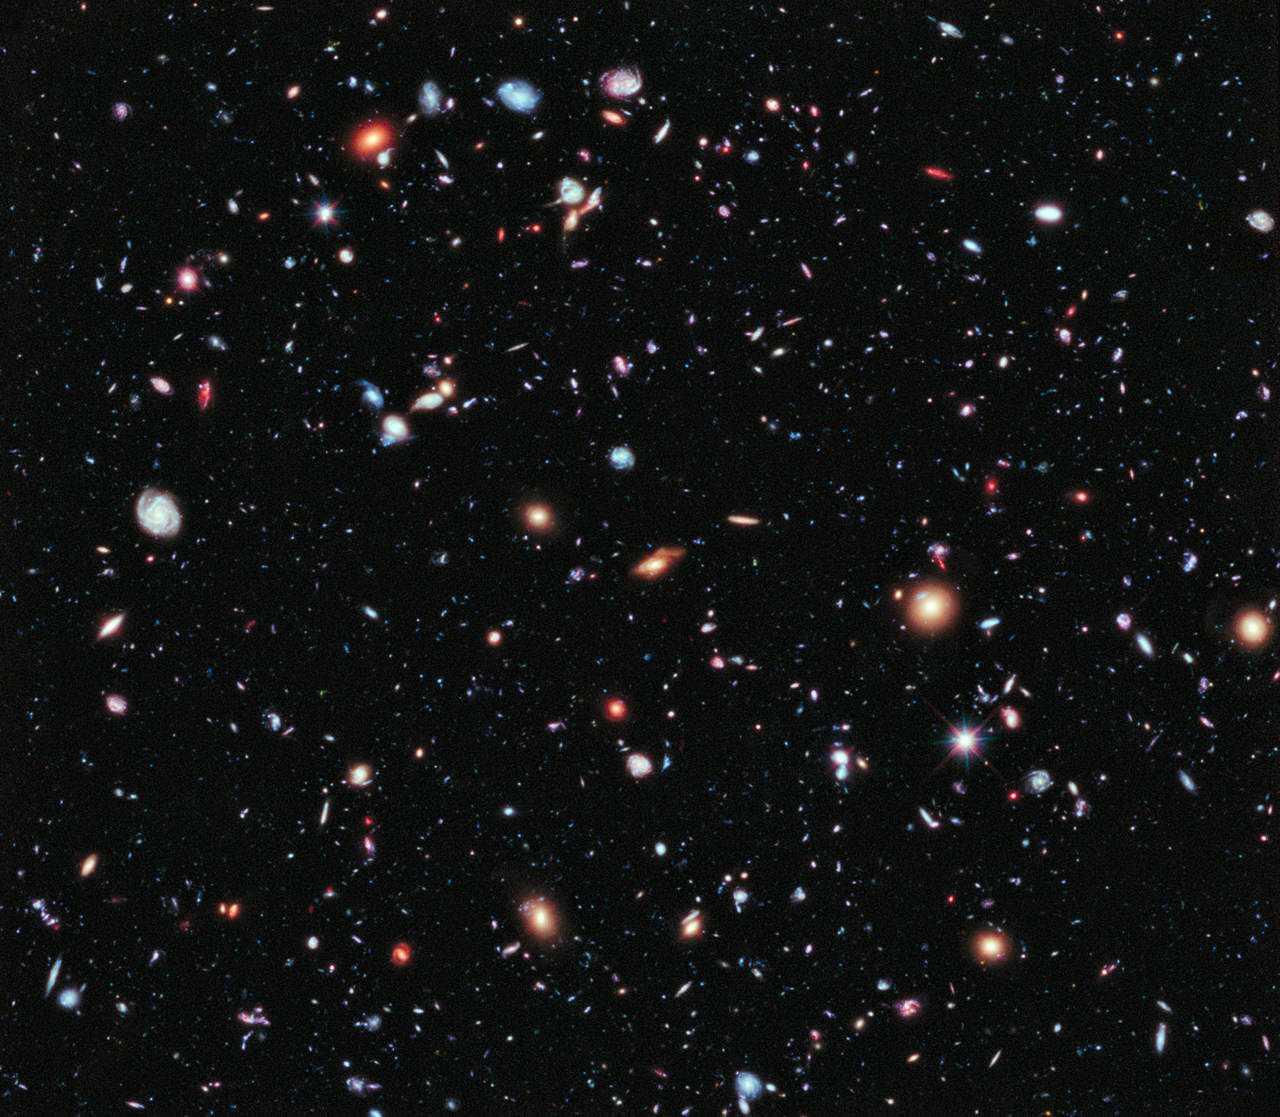 Não é ruído! É galáxia distante!